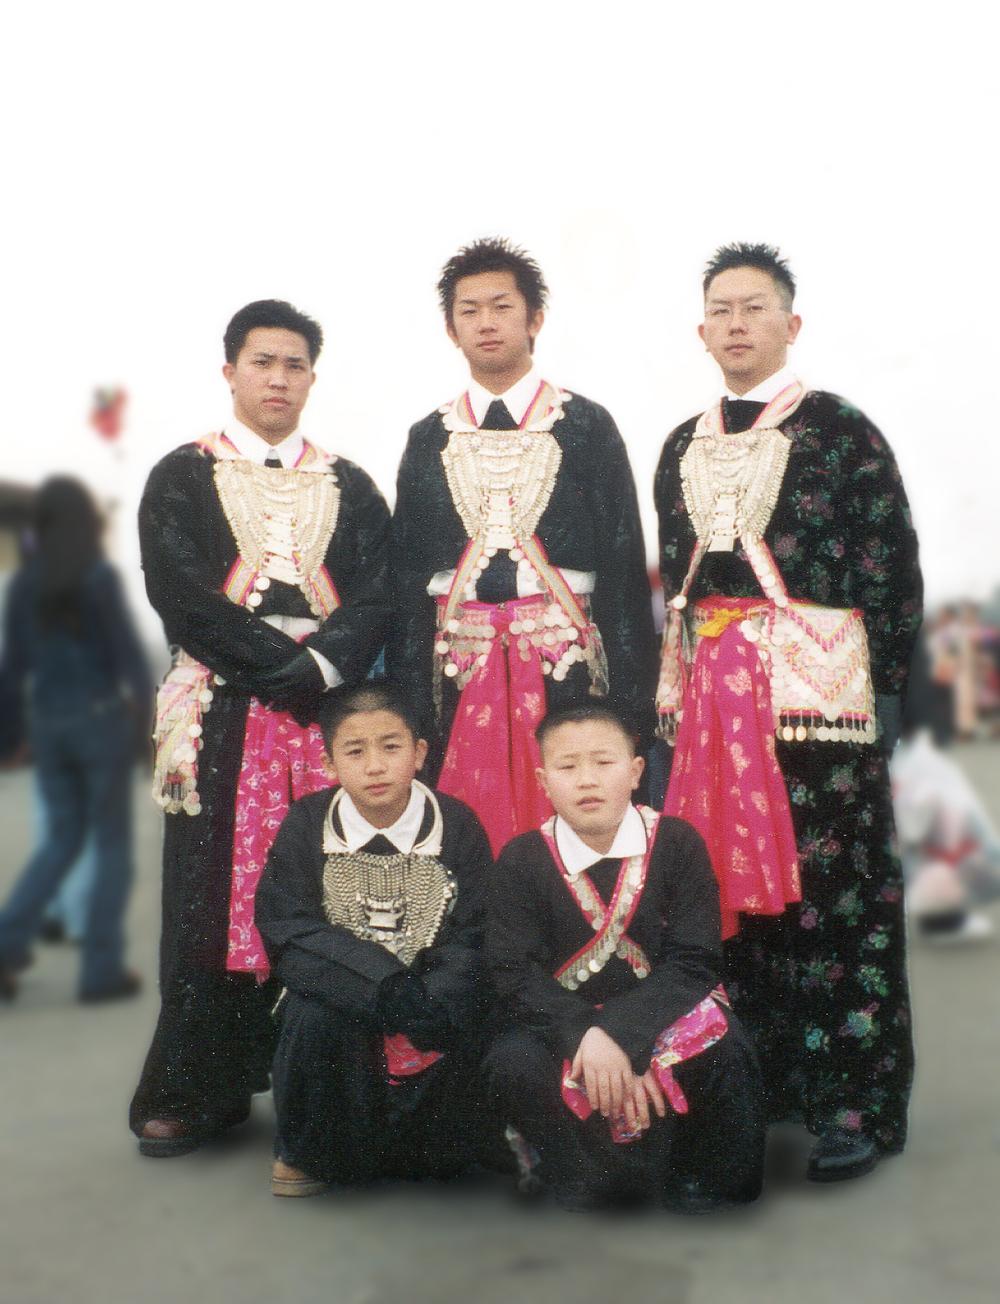 20020113-boys_1227_2001.jpg